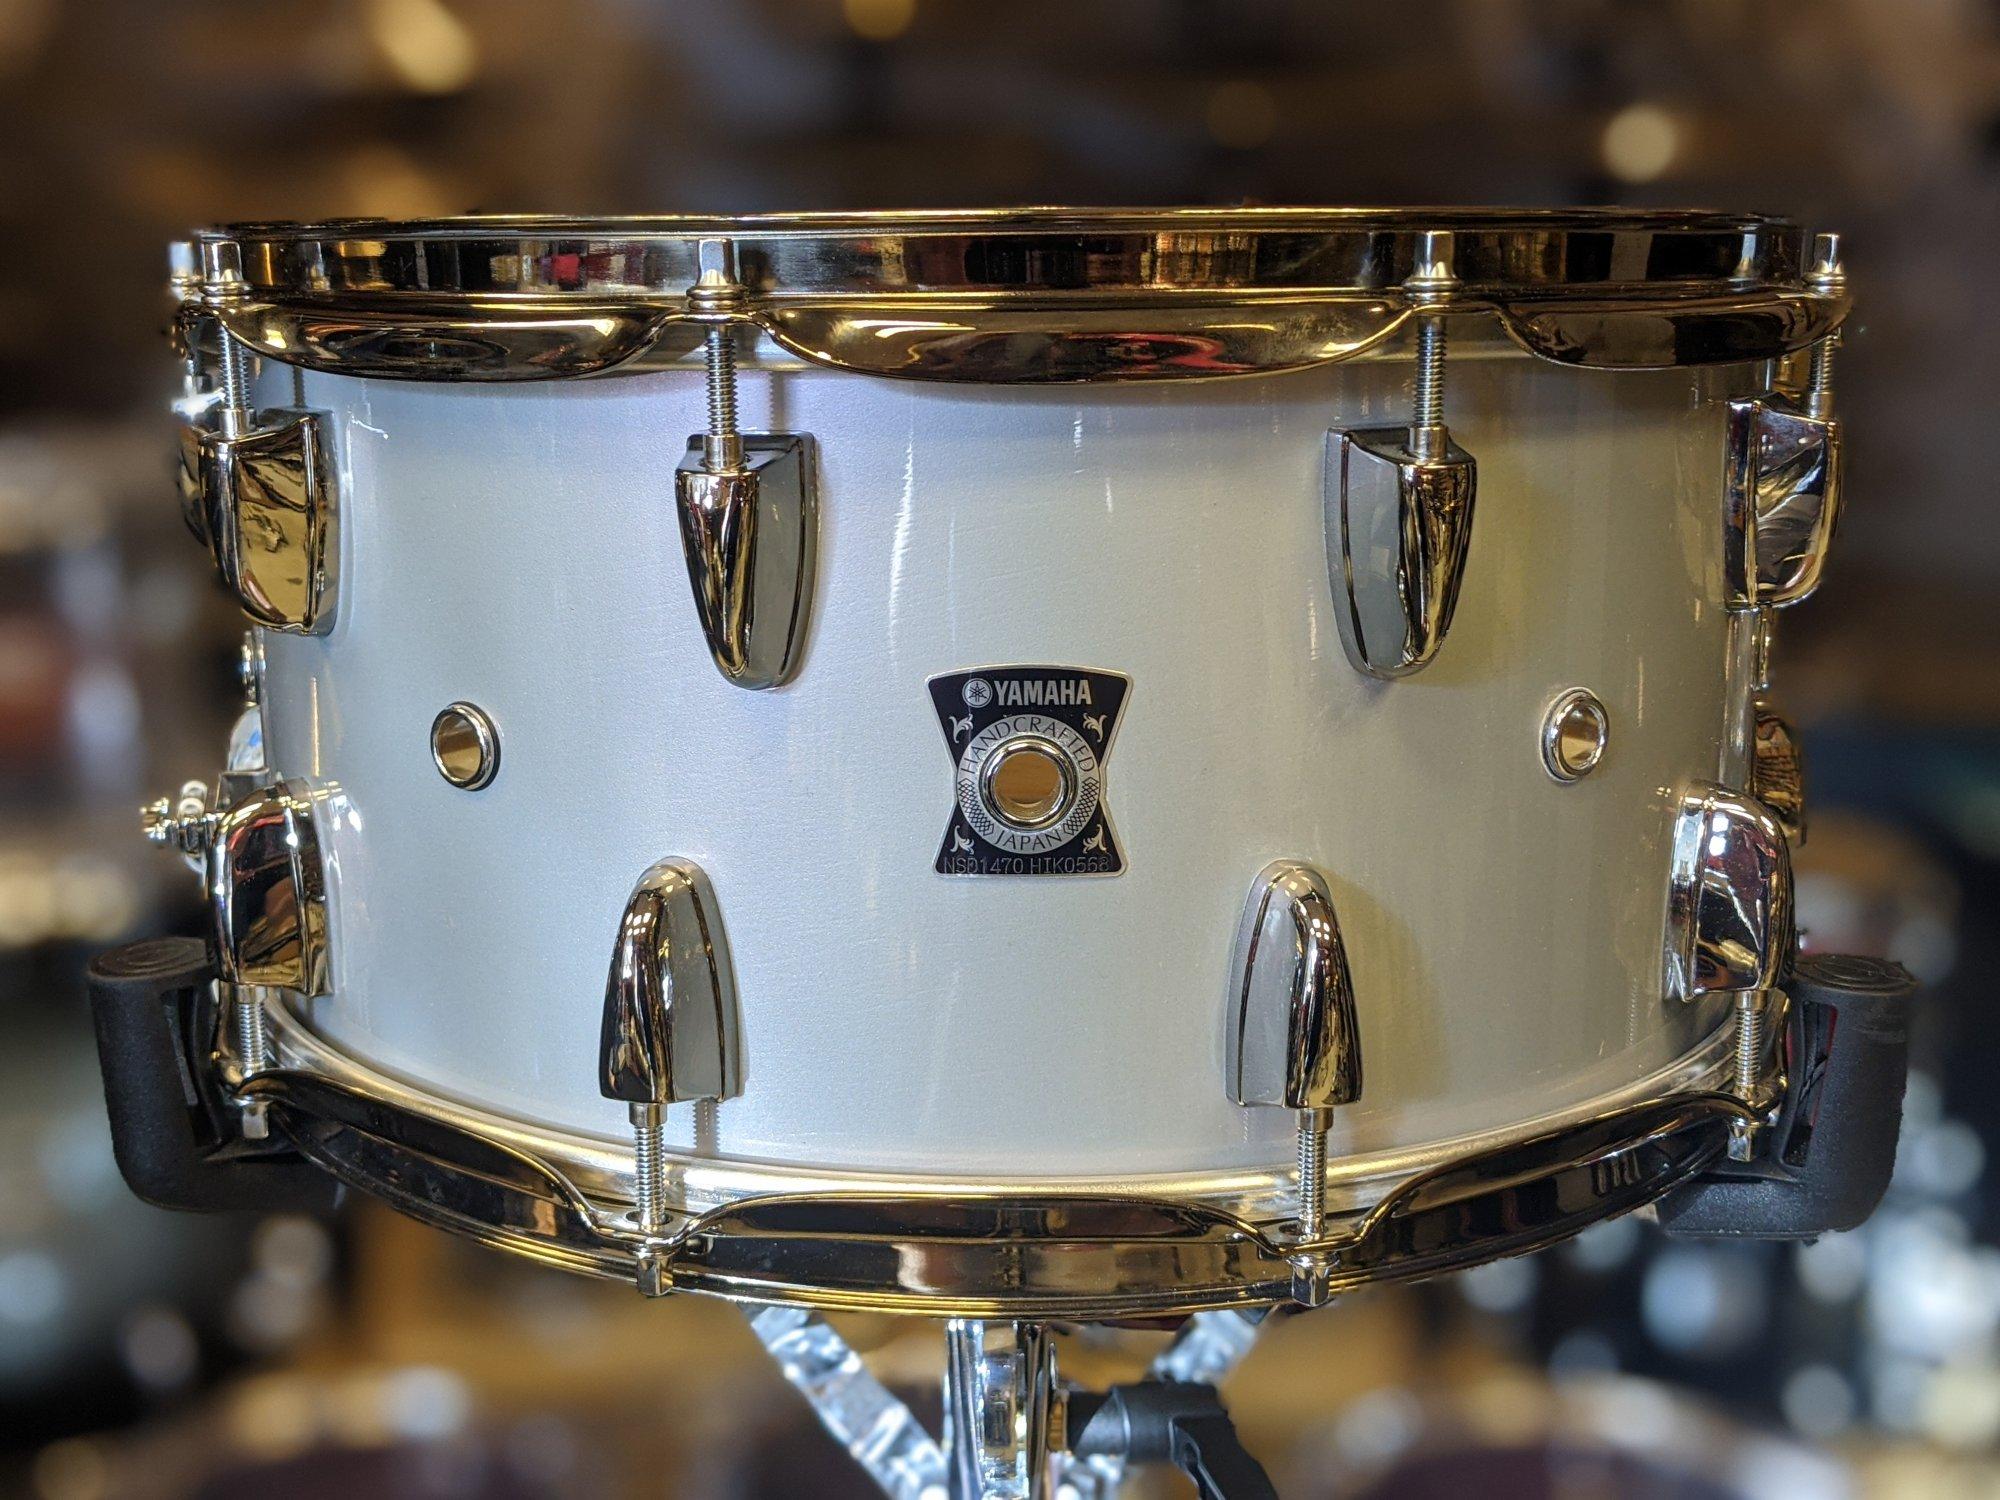 Yamaha Loud Series Oak Snare Drum 7 x 14